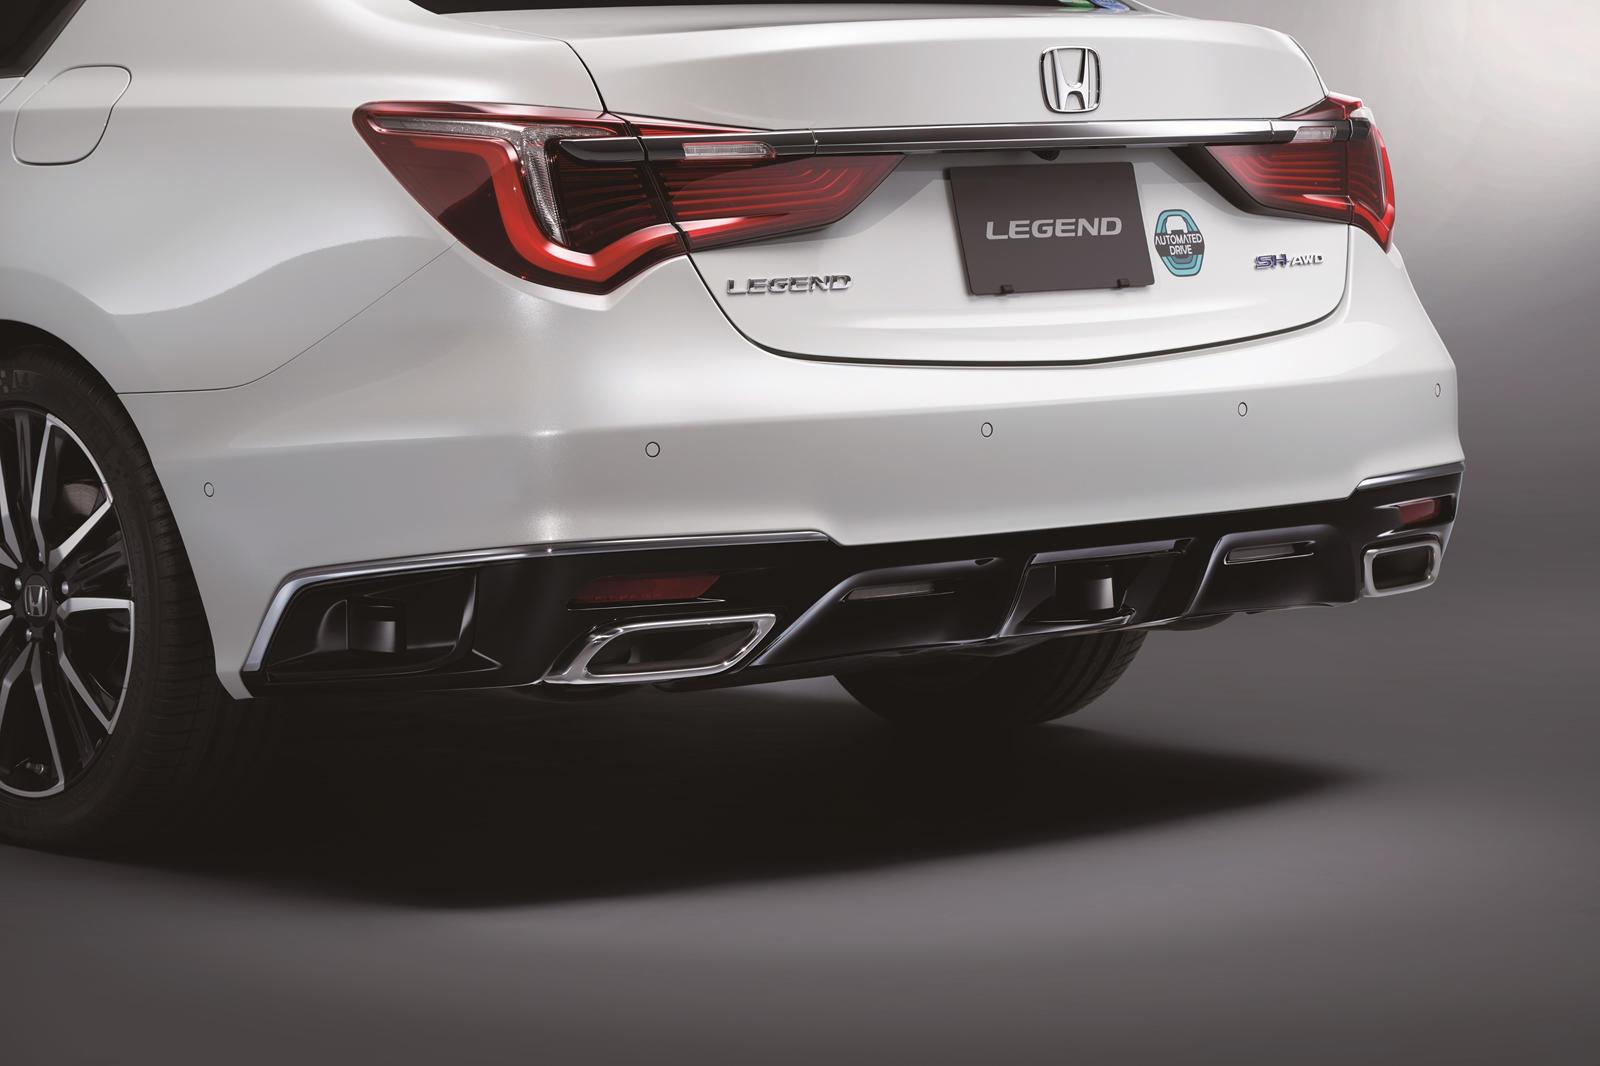 Honda Sensing Elite также включает в себя такие функции, как автоматическая активная помощь при смене полосы движения, помощь при удержании полосы движения и функция помощи при экстренной остановке, которая замедлит автомобиль, если водитель перестае